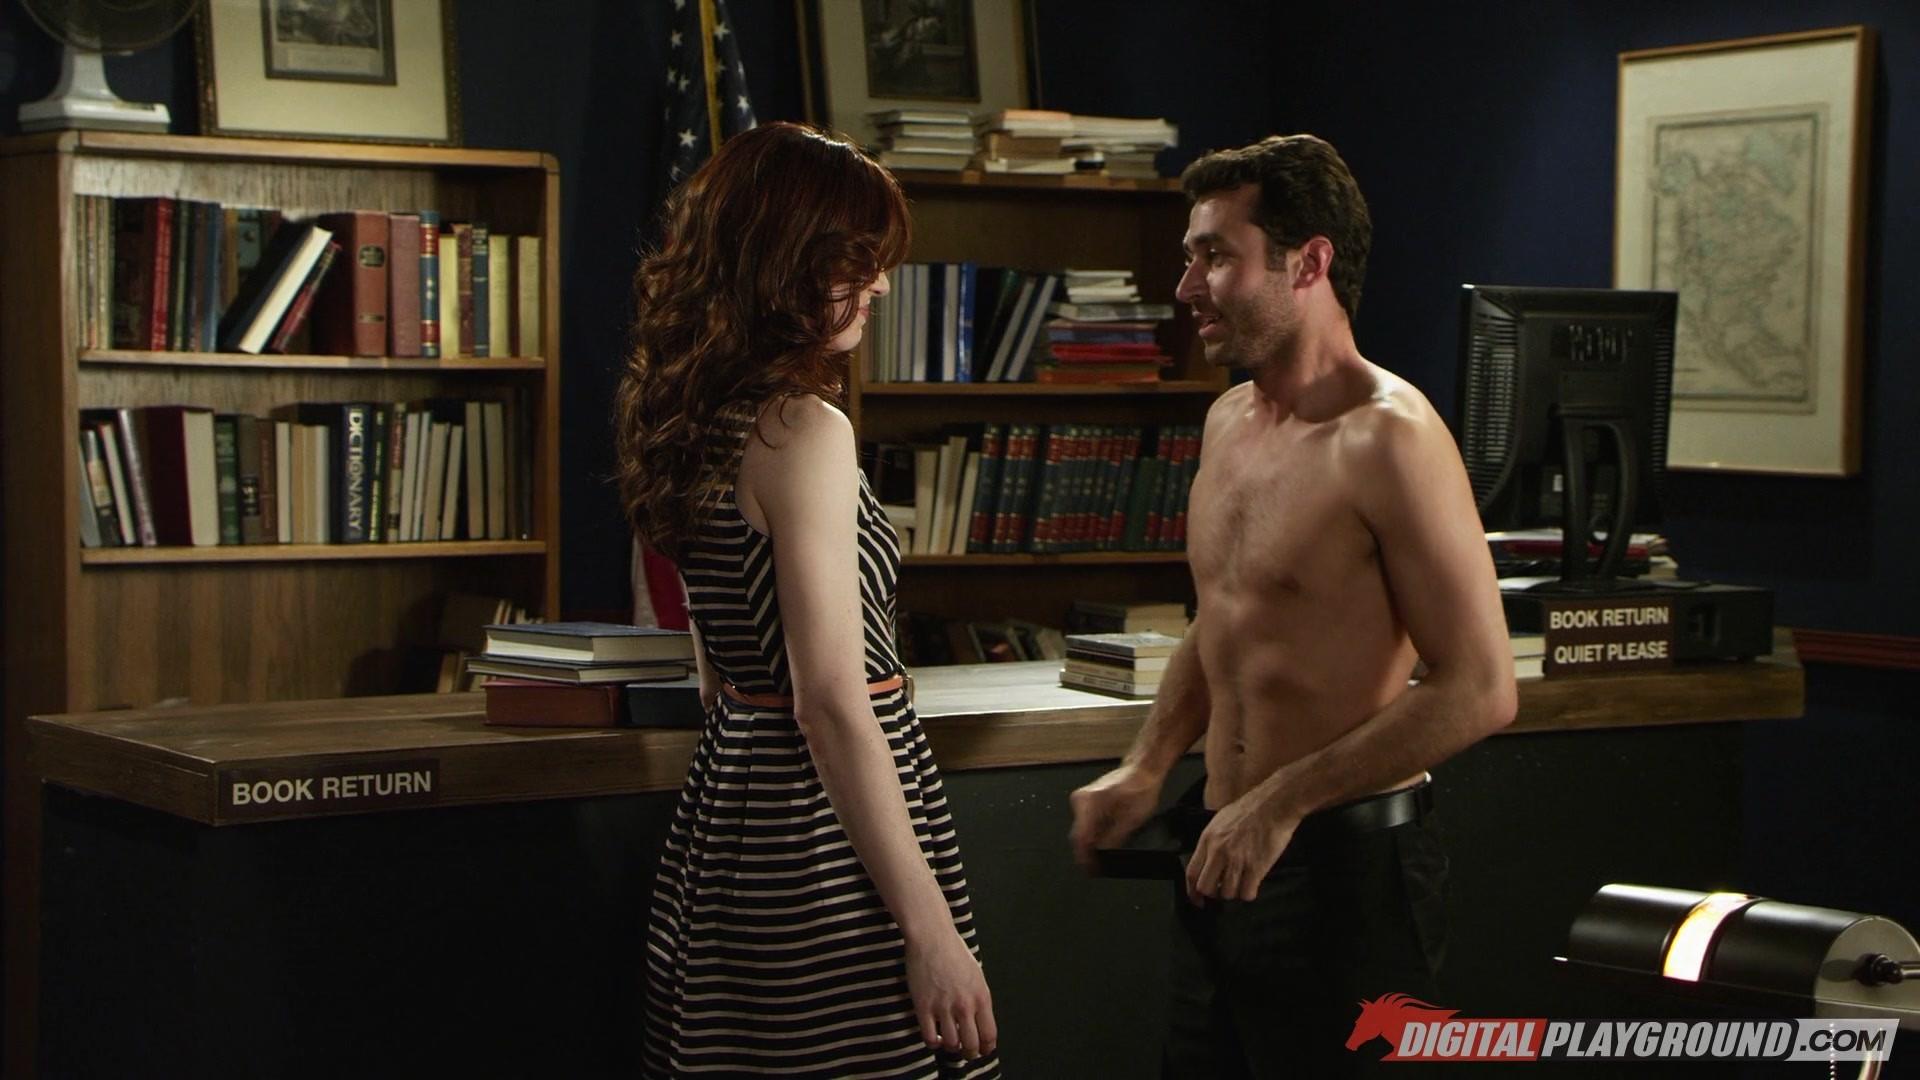 Code of honor digital playground movies-xxx com hot porn